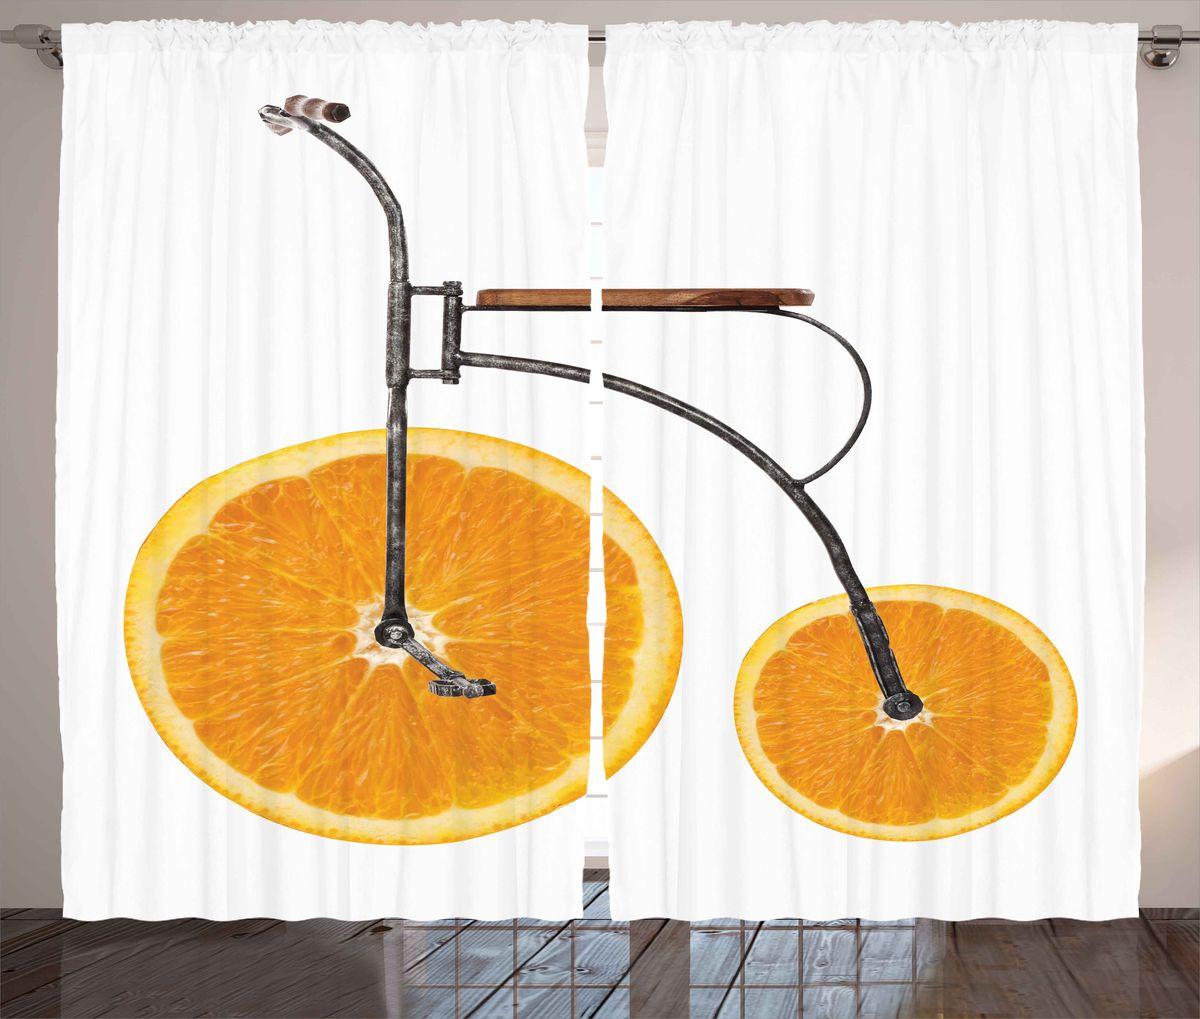 Комплект фотоштор Magic Lady Апельсиновые велосипед, на ленте, высота 265 см. шсг_5217шсг_5217Компания Сэмболь изготавливает шторы из высококачественного сатена (полиэстер 100%). При изготовлении используются специальные гипоаллергенные чернила для прямой печати по ткани, безопасные для человека и животных. Экологичность продукции Magic lady и безопасность для окружающей среды подтверждены сертификатом Oeko-Tex Standard 100. Крепление: крючки для крепления на шторной ленте (50 шт). Возможно крепление на трубу. Внимание! При нанесении сублимационной печати на ткань технологическим методом при температуре 240°С, возможно отклонение полученных размеров (указанных на этикетке и сайте) от стандартных на + - 3-5 см. Производитель старается максимально точно передать цвета изделия на фотографиях, однако искажения неизбежны и фактический цвет изделия может отличаться от воспринимаемого по фото. Обратите внимание! Шторы изготовлены из полиэстра сатенового переплетения, а не из сатина (хлопок). Размер одного полотна шторы: 145х265 см. В комплекте 2...